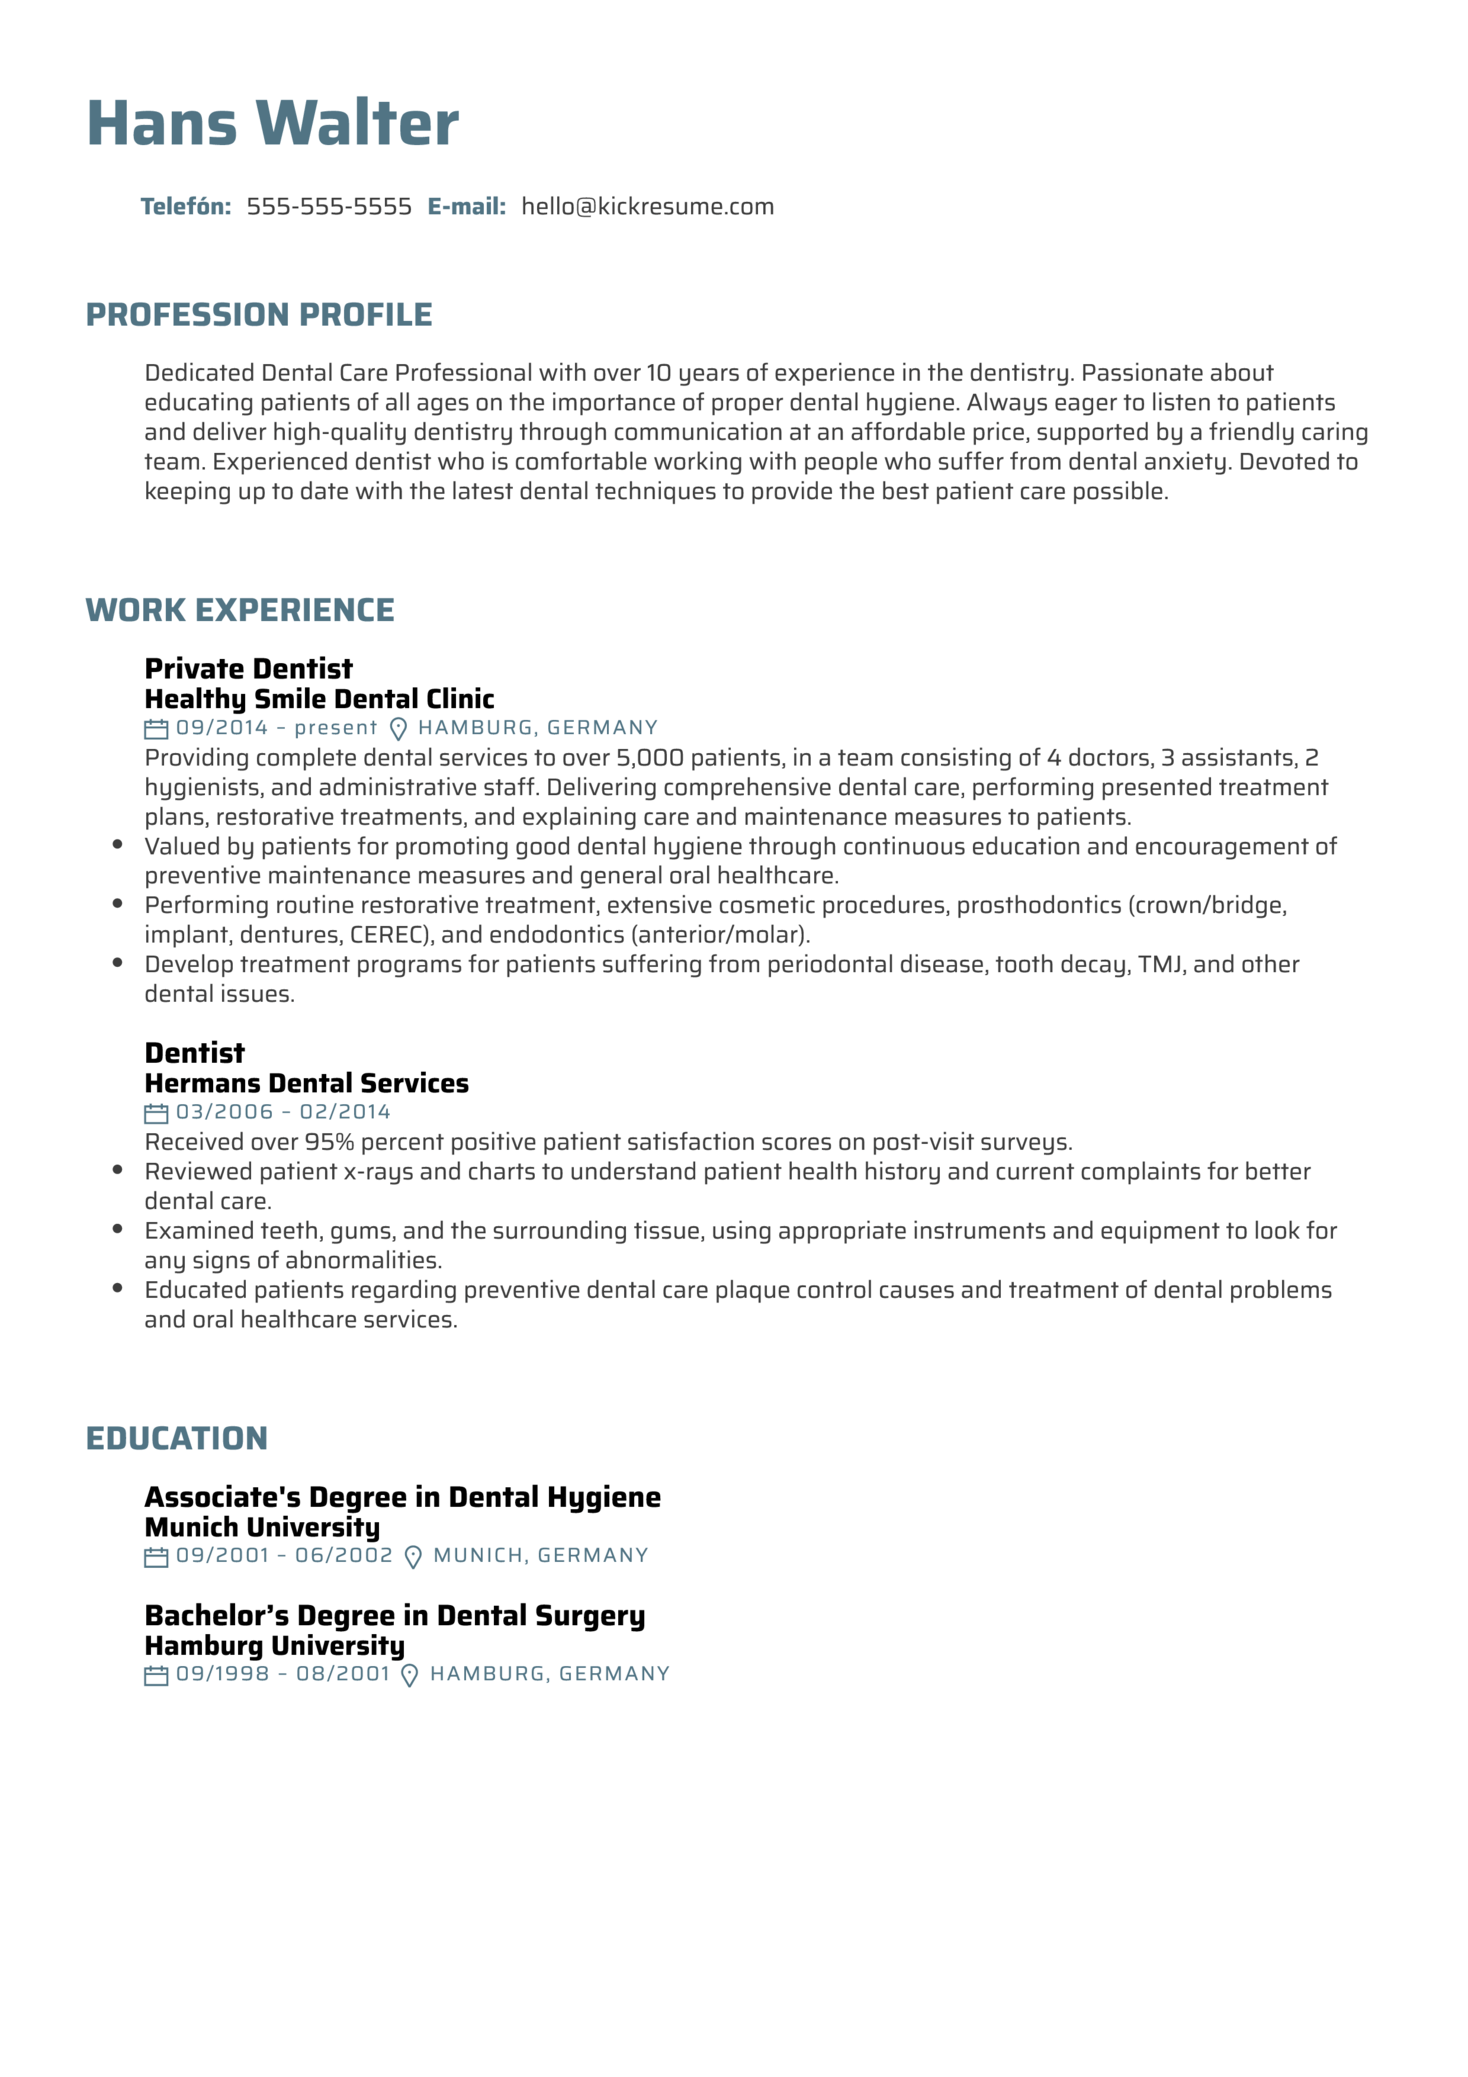 Dentist Resume Example (Teil 1)